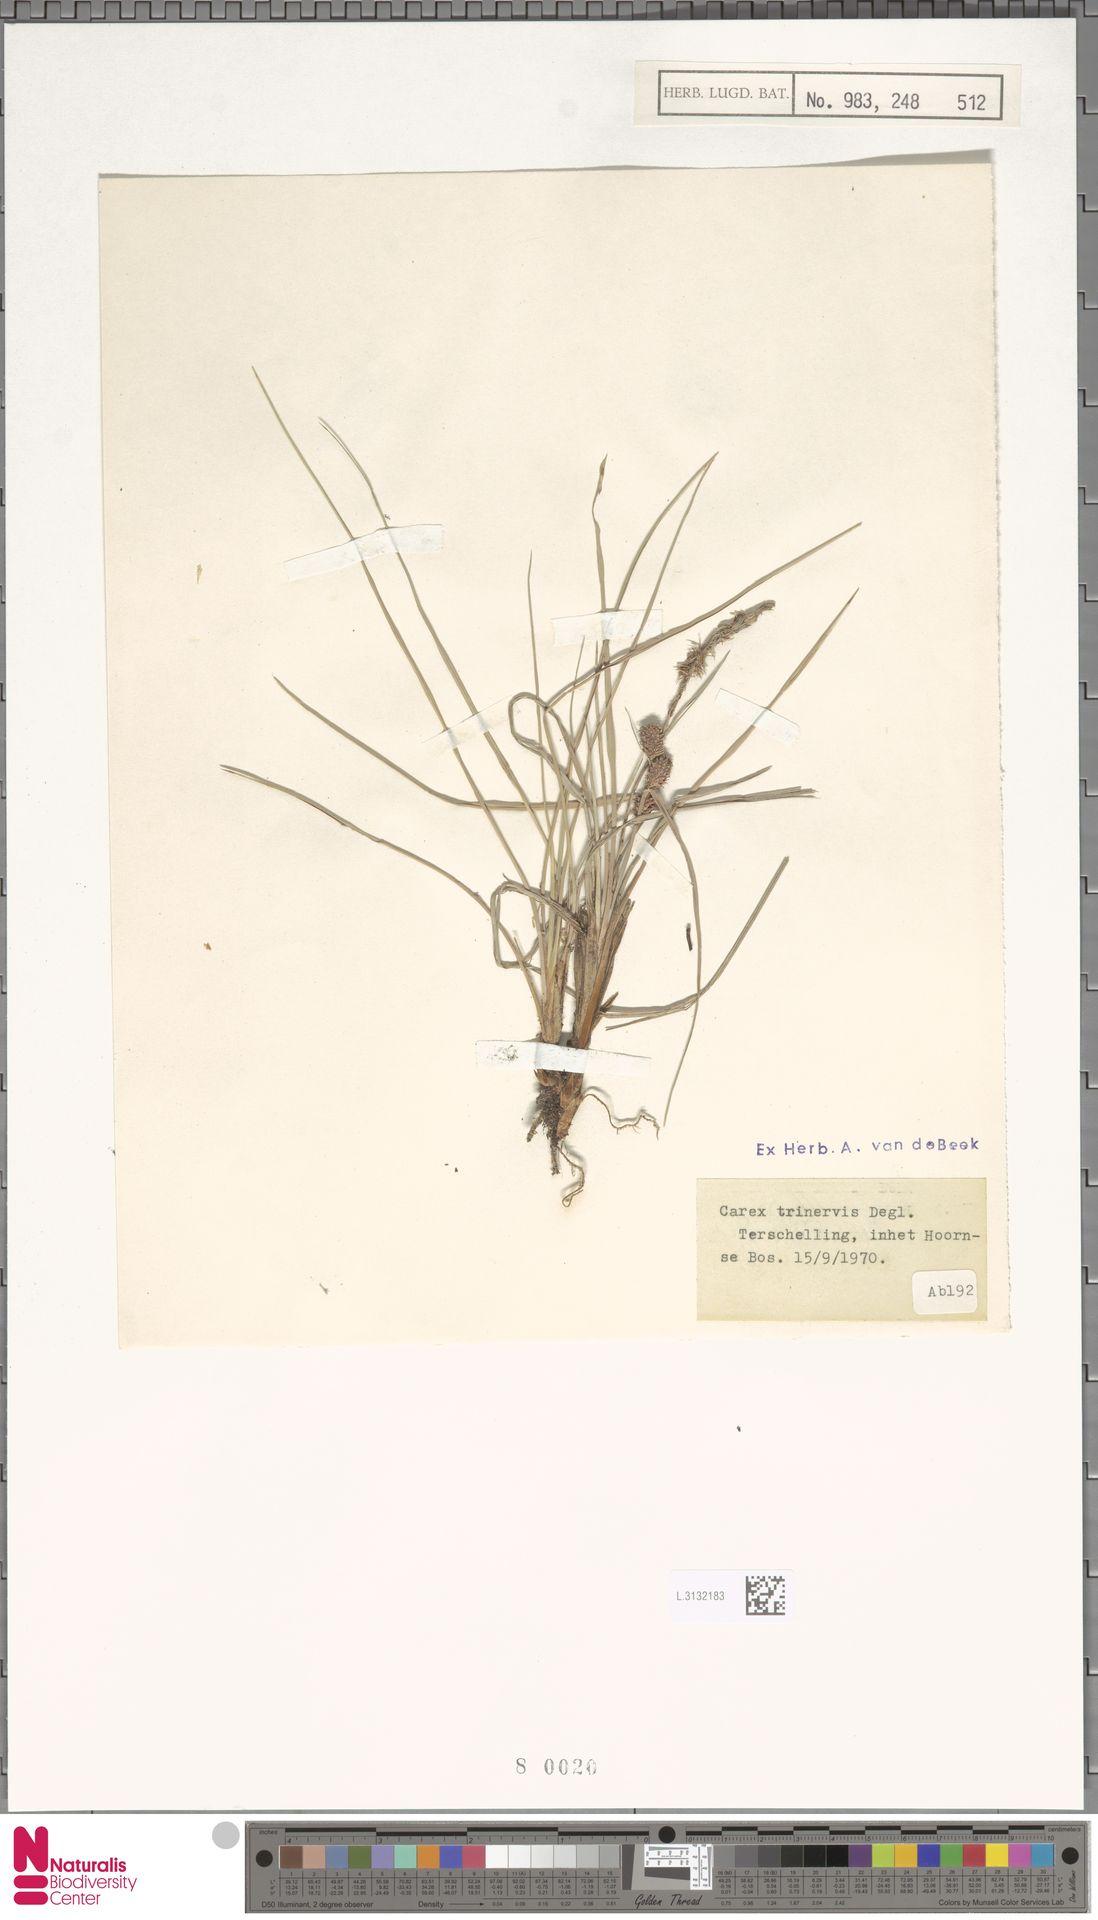 L.3132183 | Carex trinervis Degl.